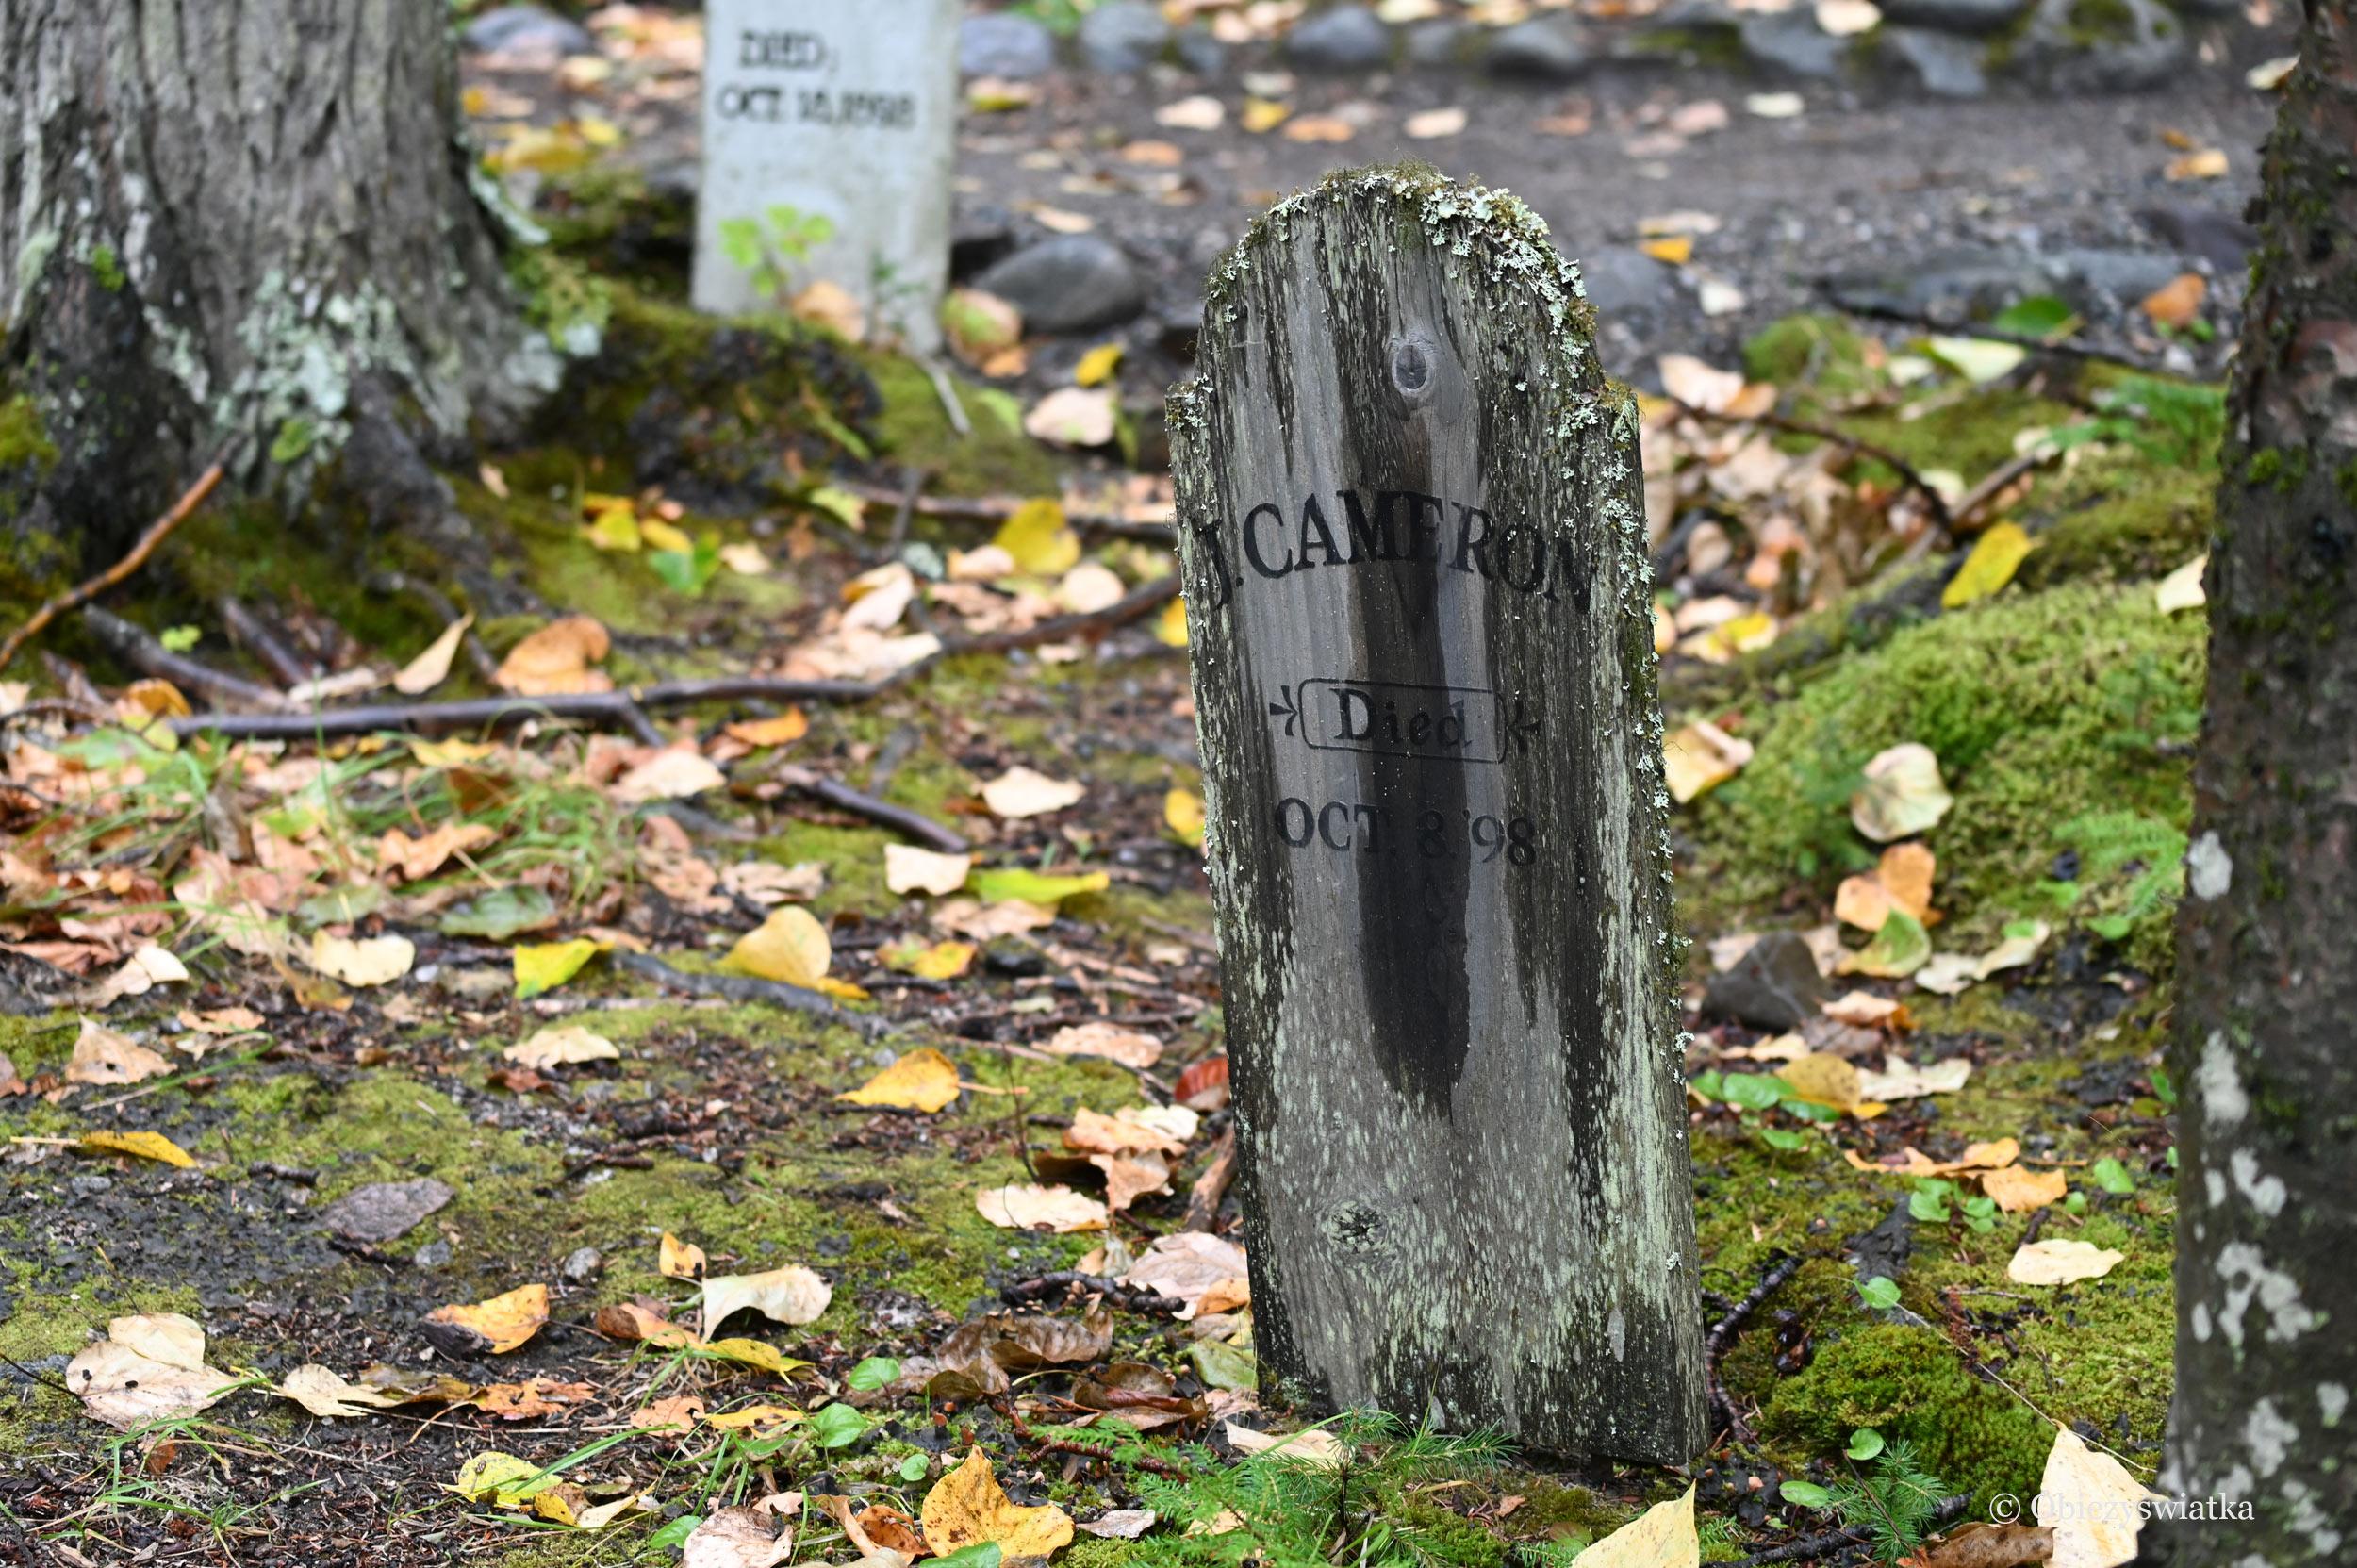 Nagrobki na Cmentarzu Poszukiwaczy Złota na Alasce, Skagway